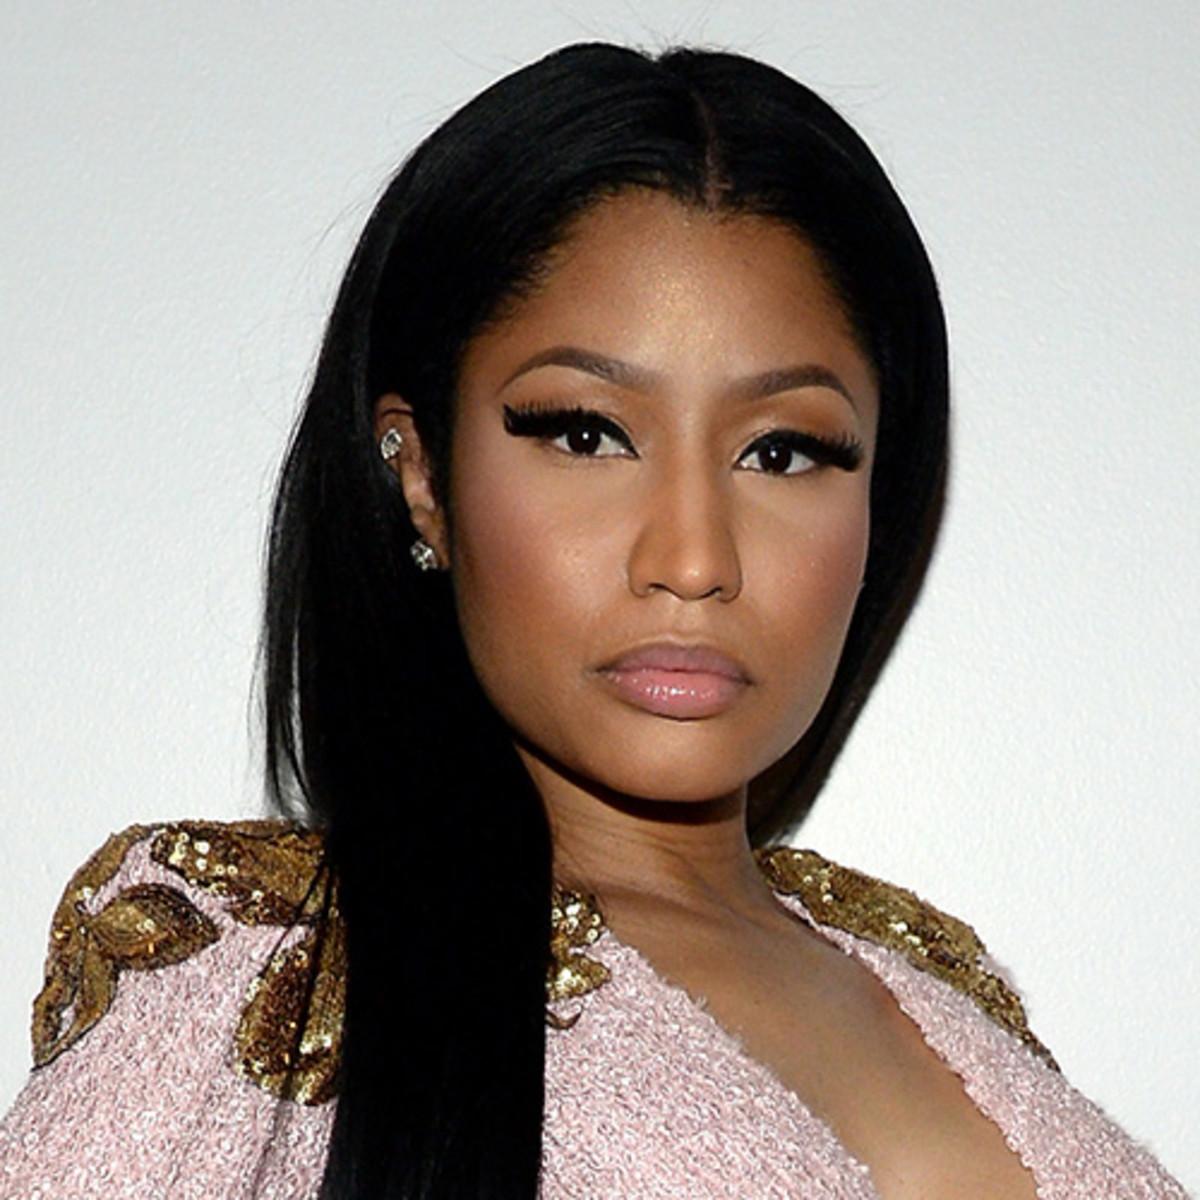 Nicki Minaj/merge